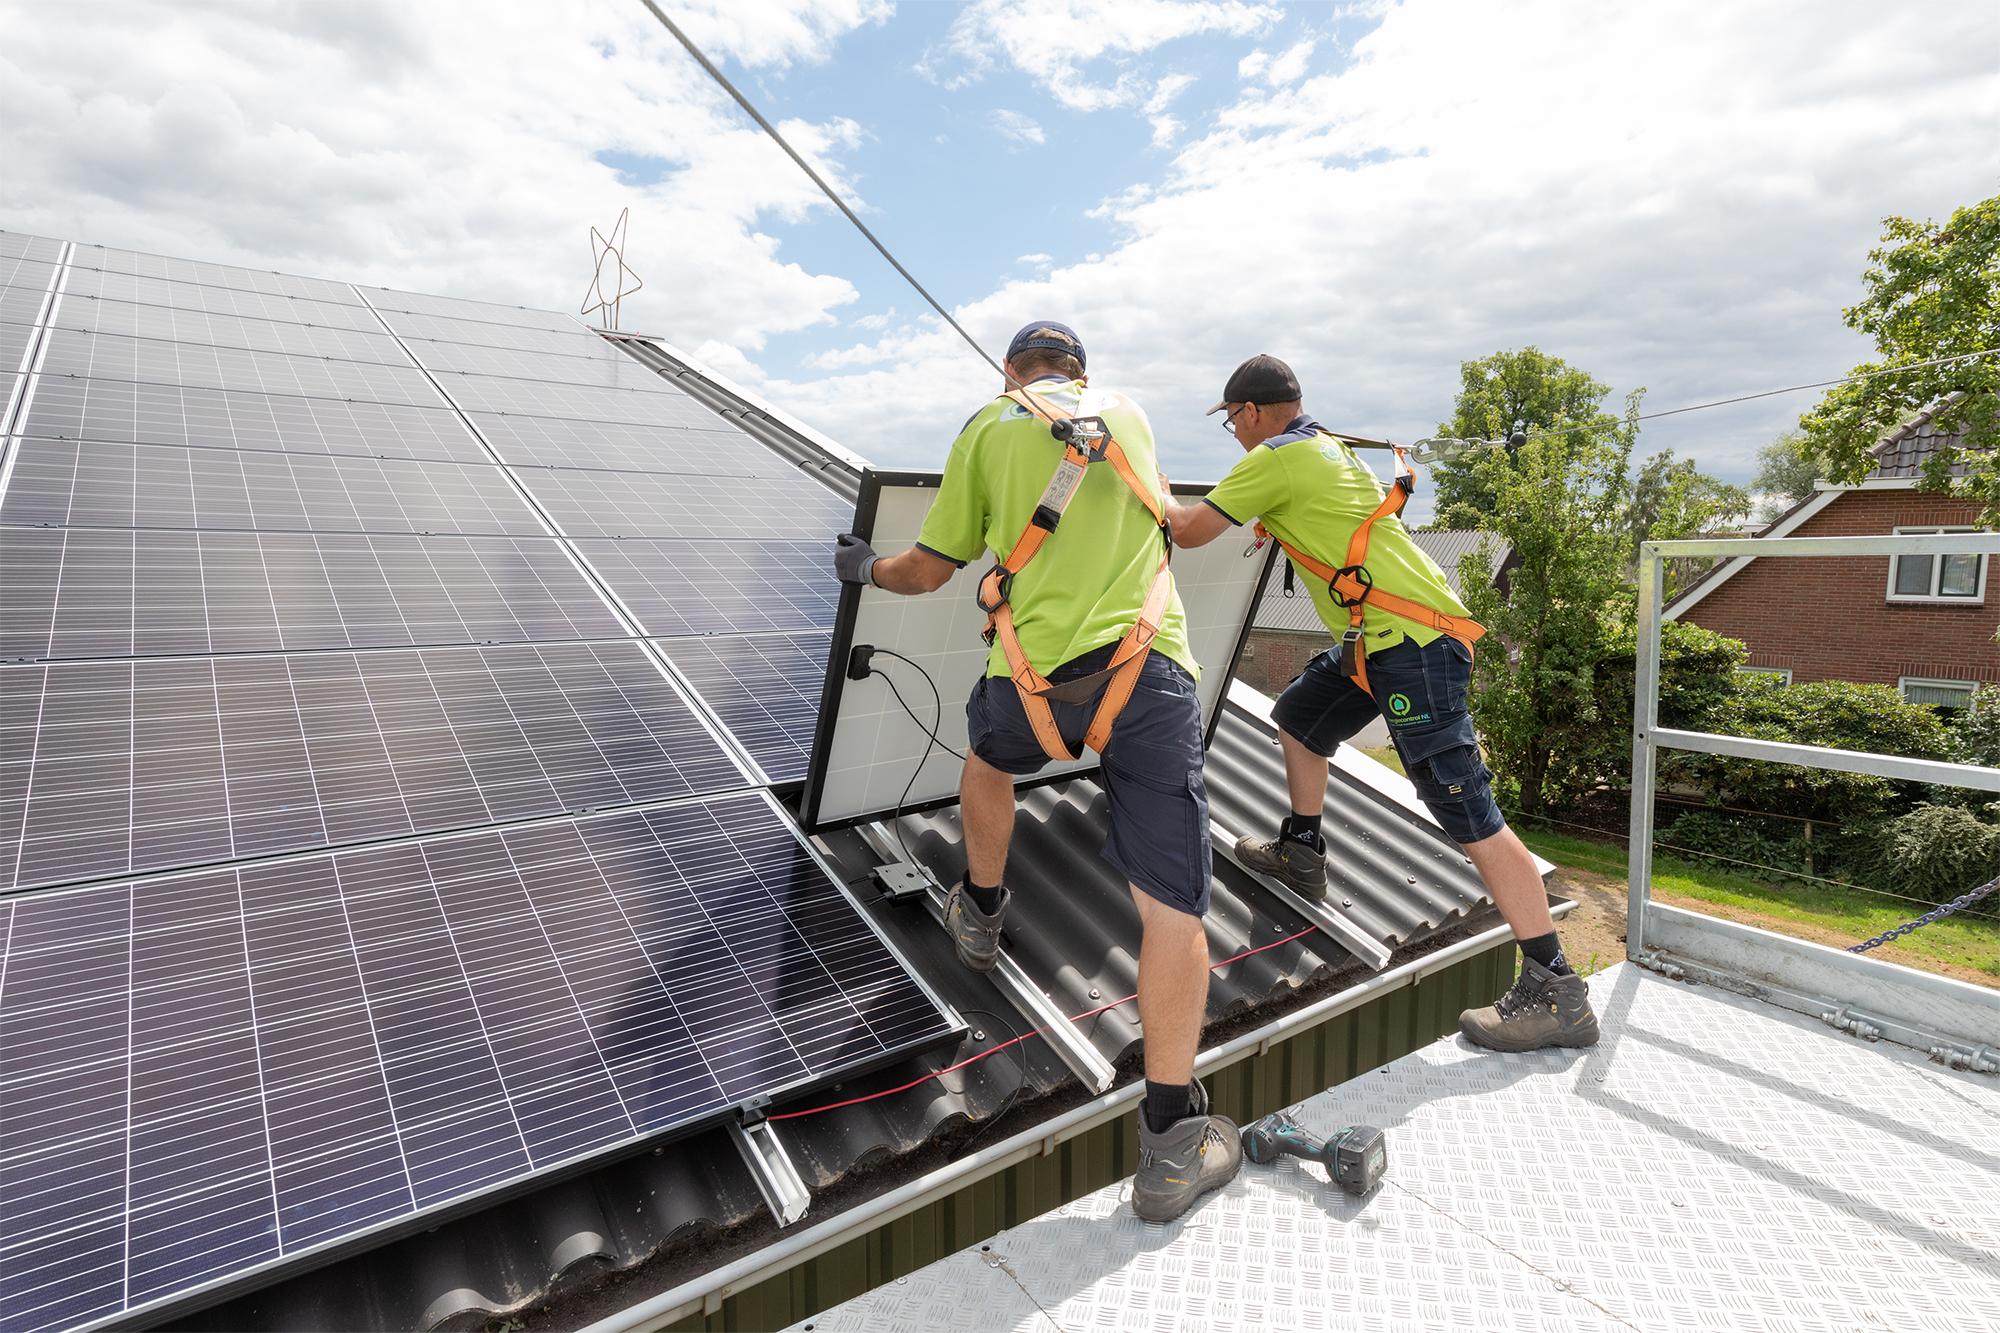 Zonnepanelen worden op een dak geïnstalleerd